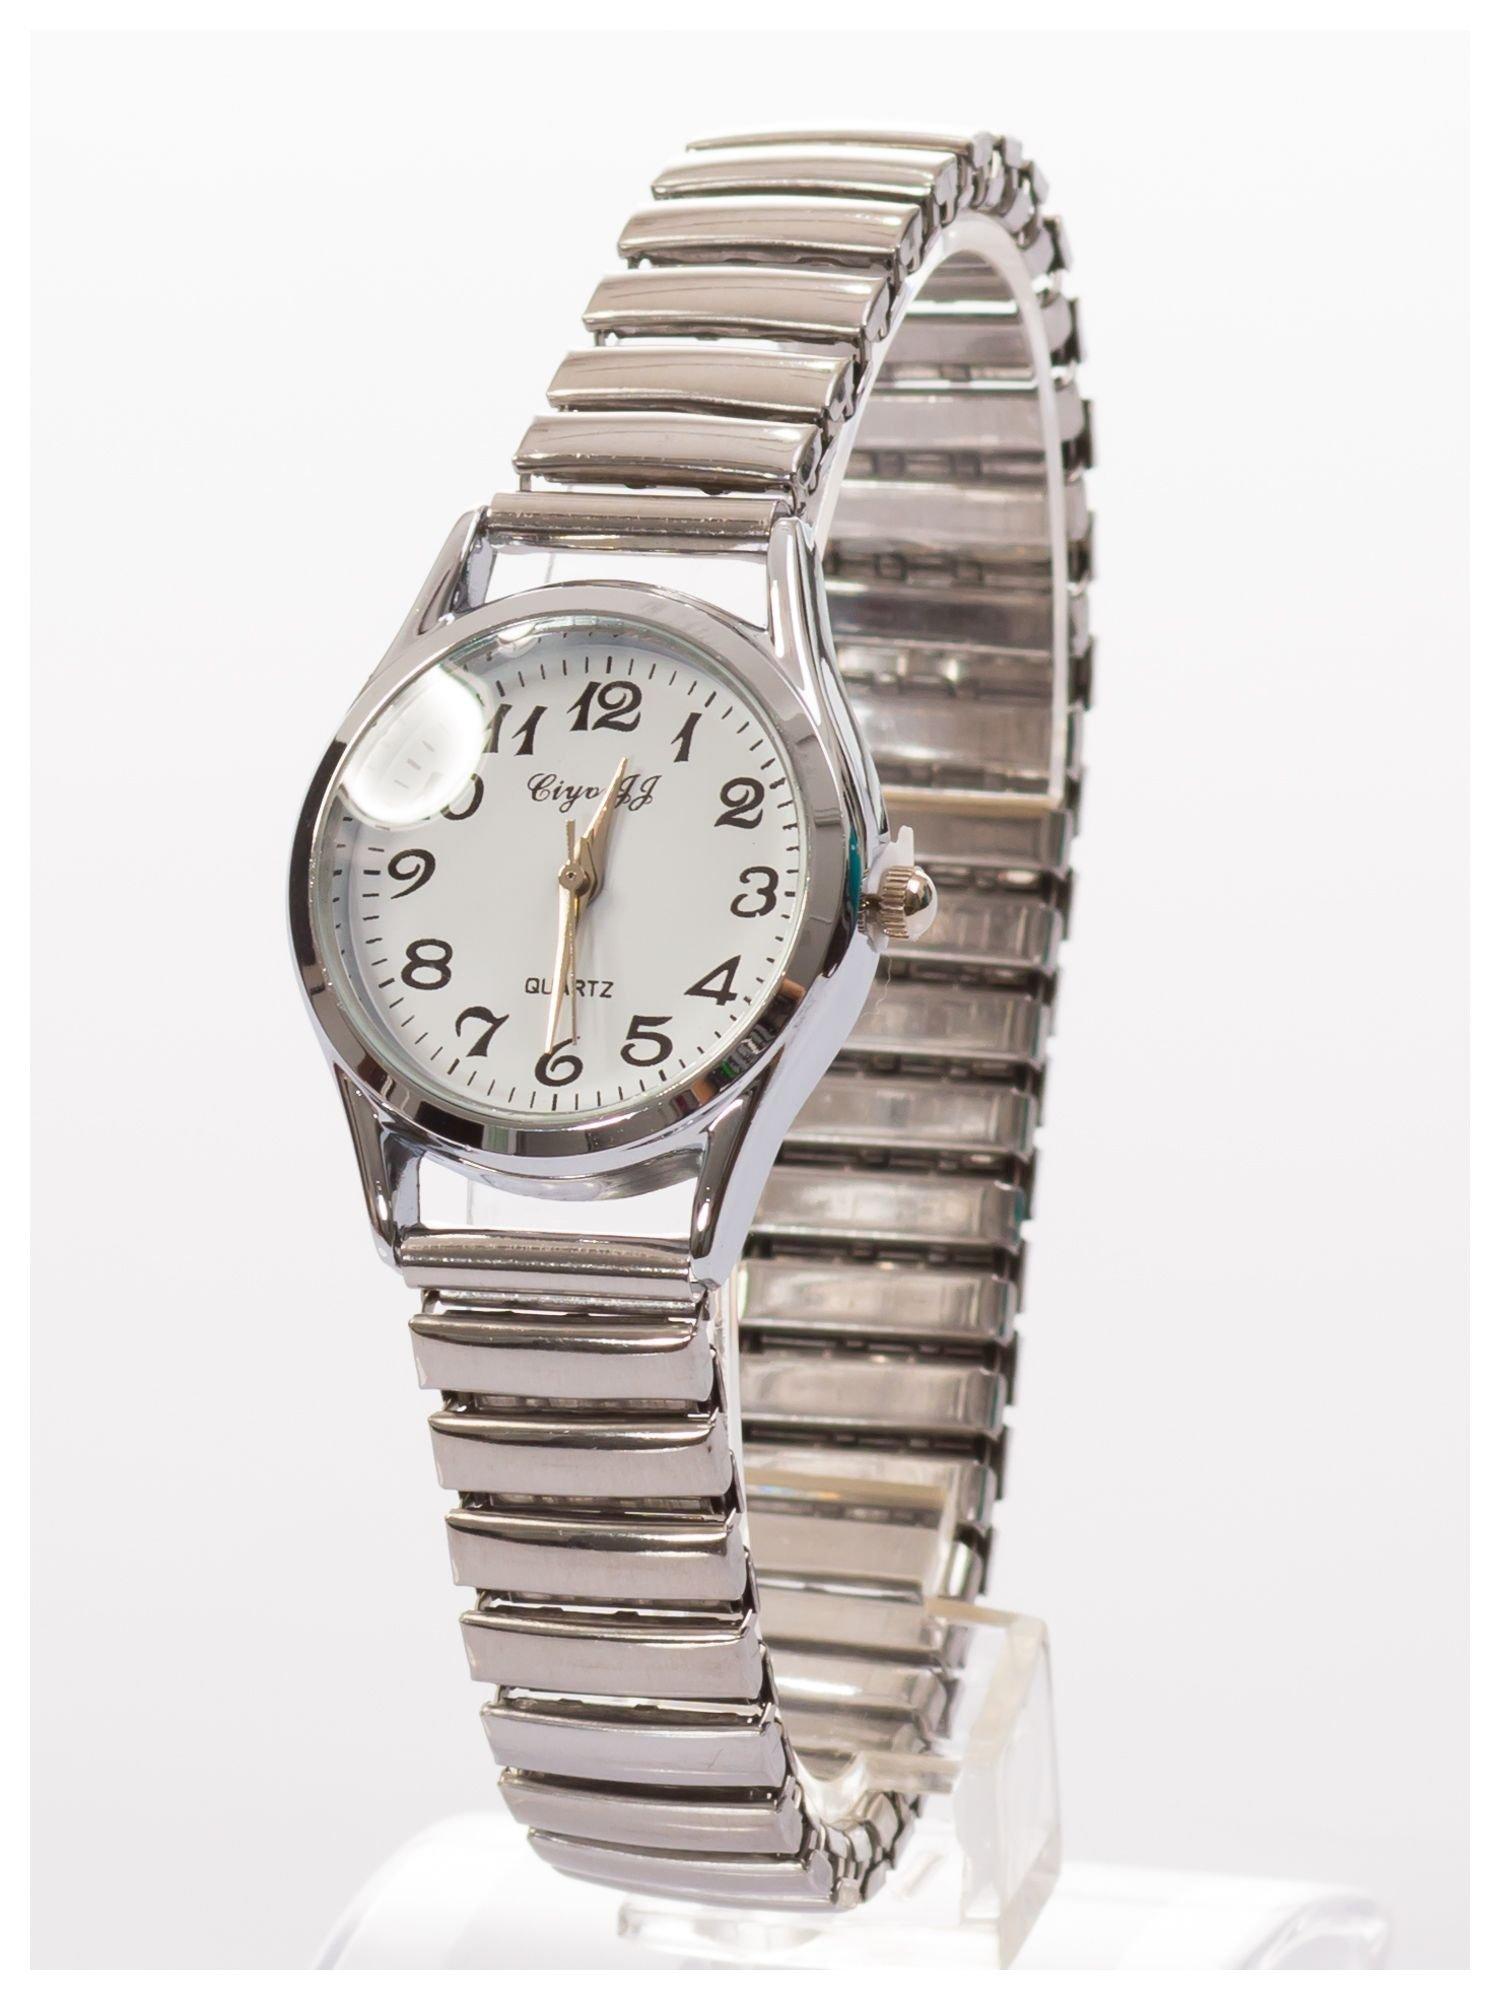 Delikatny damski zegarek na elastycznej bransolecie                                  zdj.                                  2